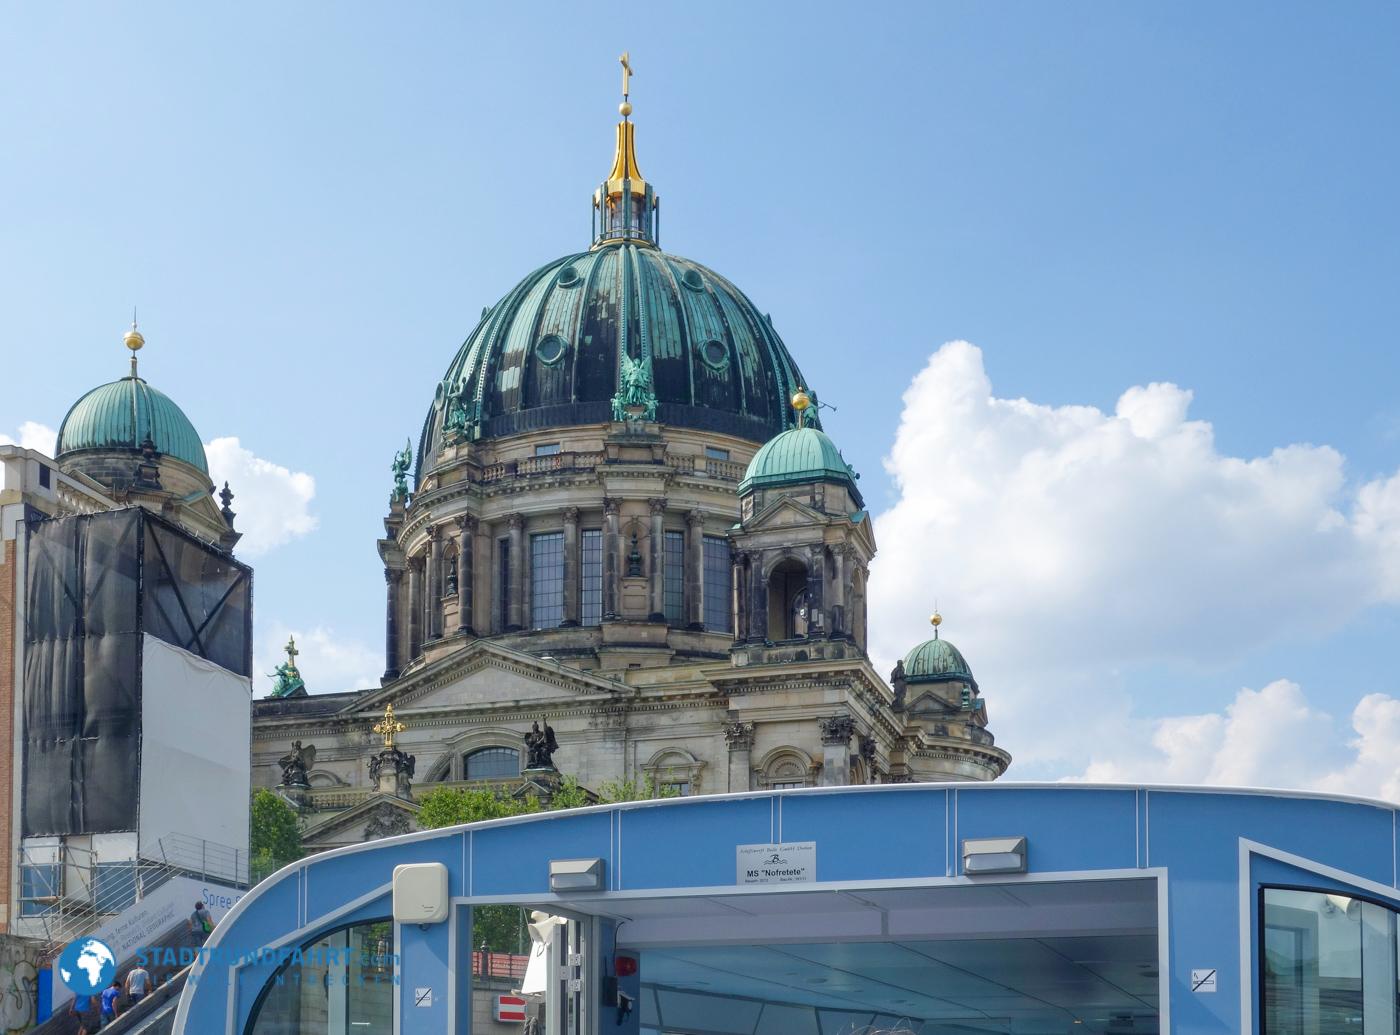 Schifffahrt auf der Spree - Auf dem Wasser durch Berlin